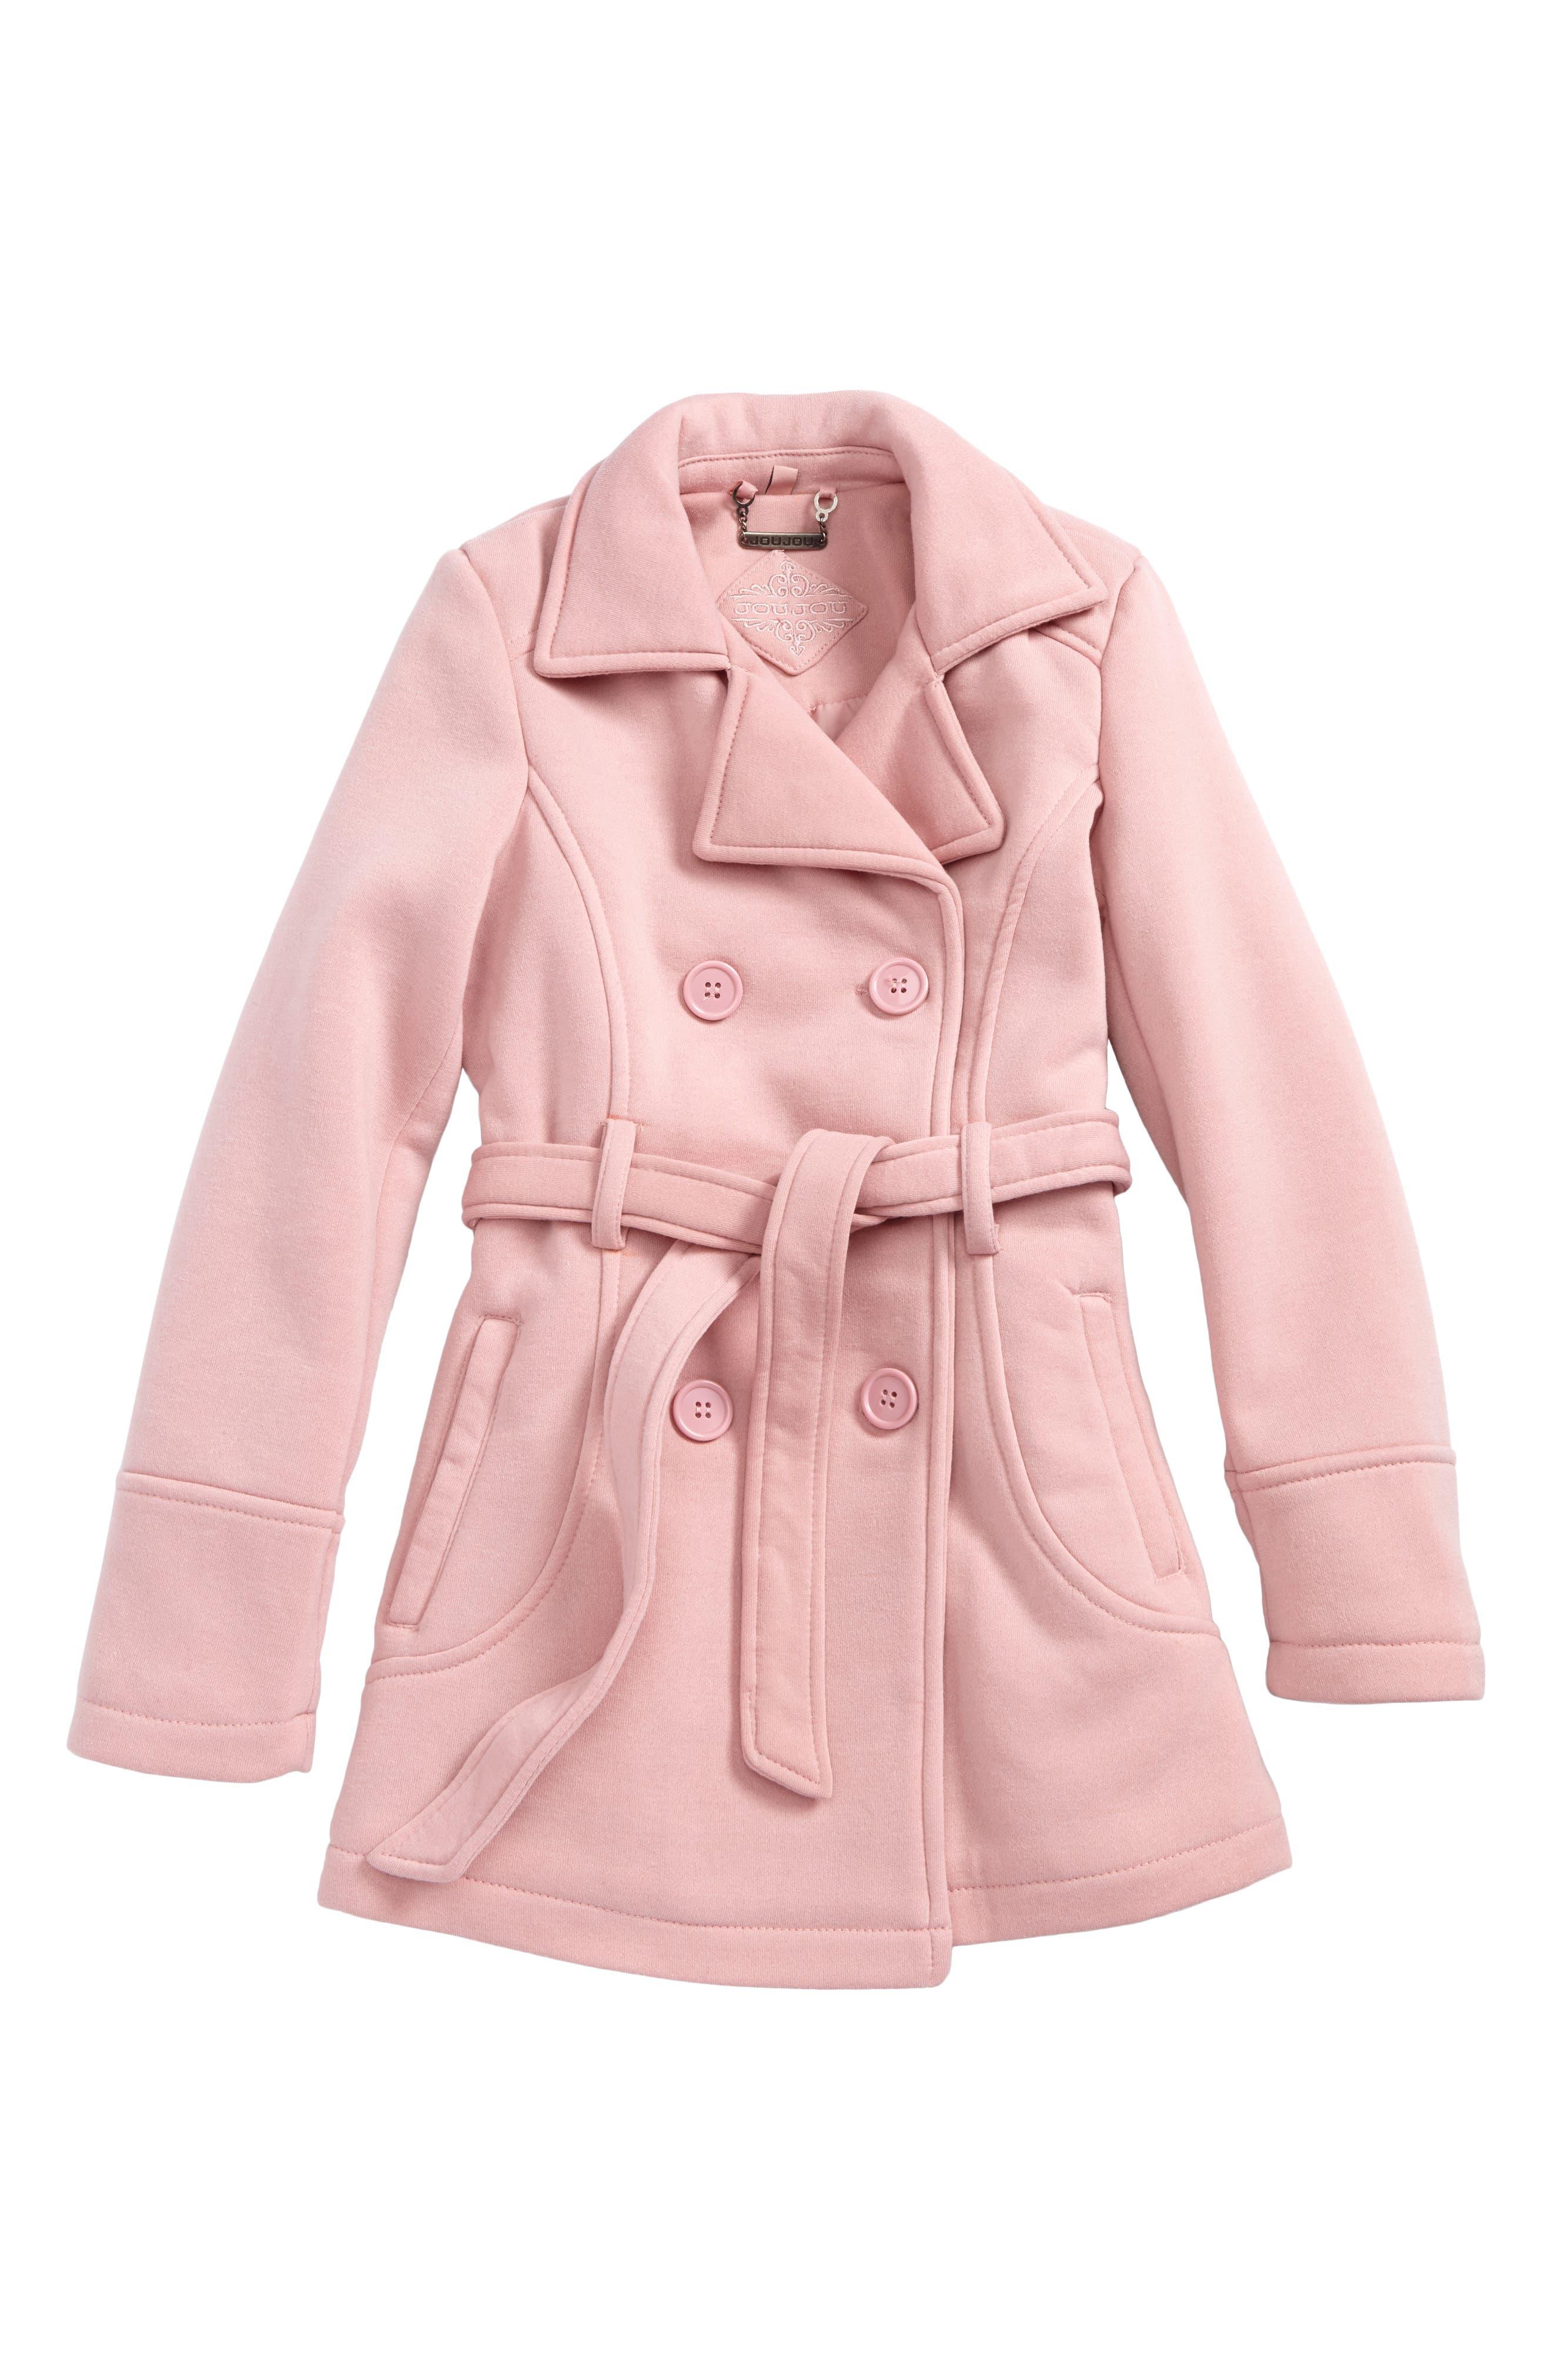 Jou Jou Double-Breasted Coat (Big Girls)